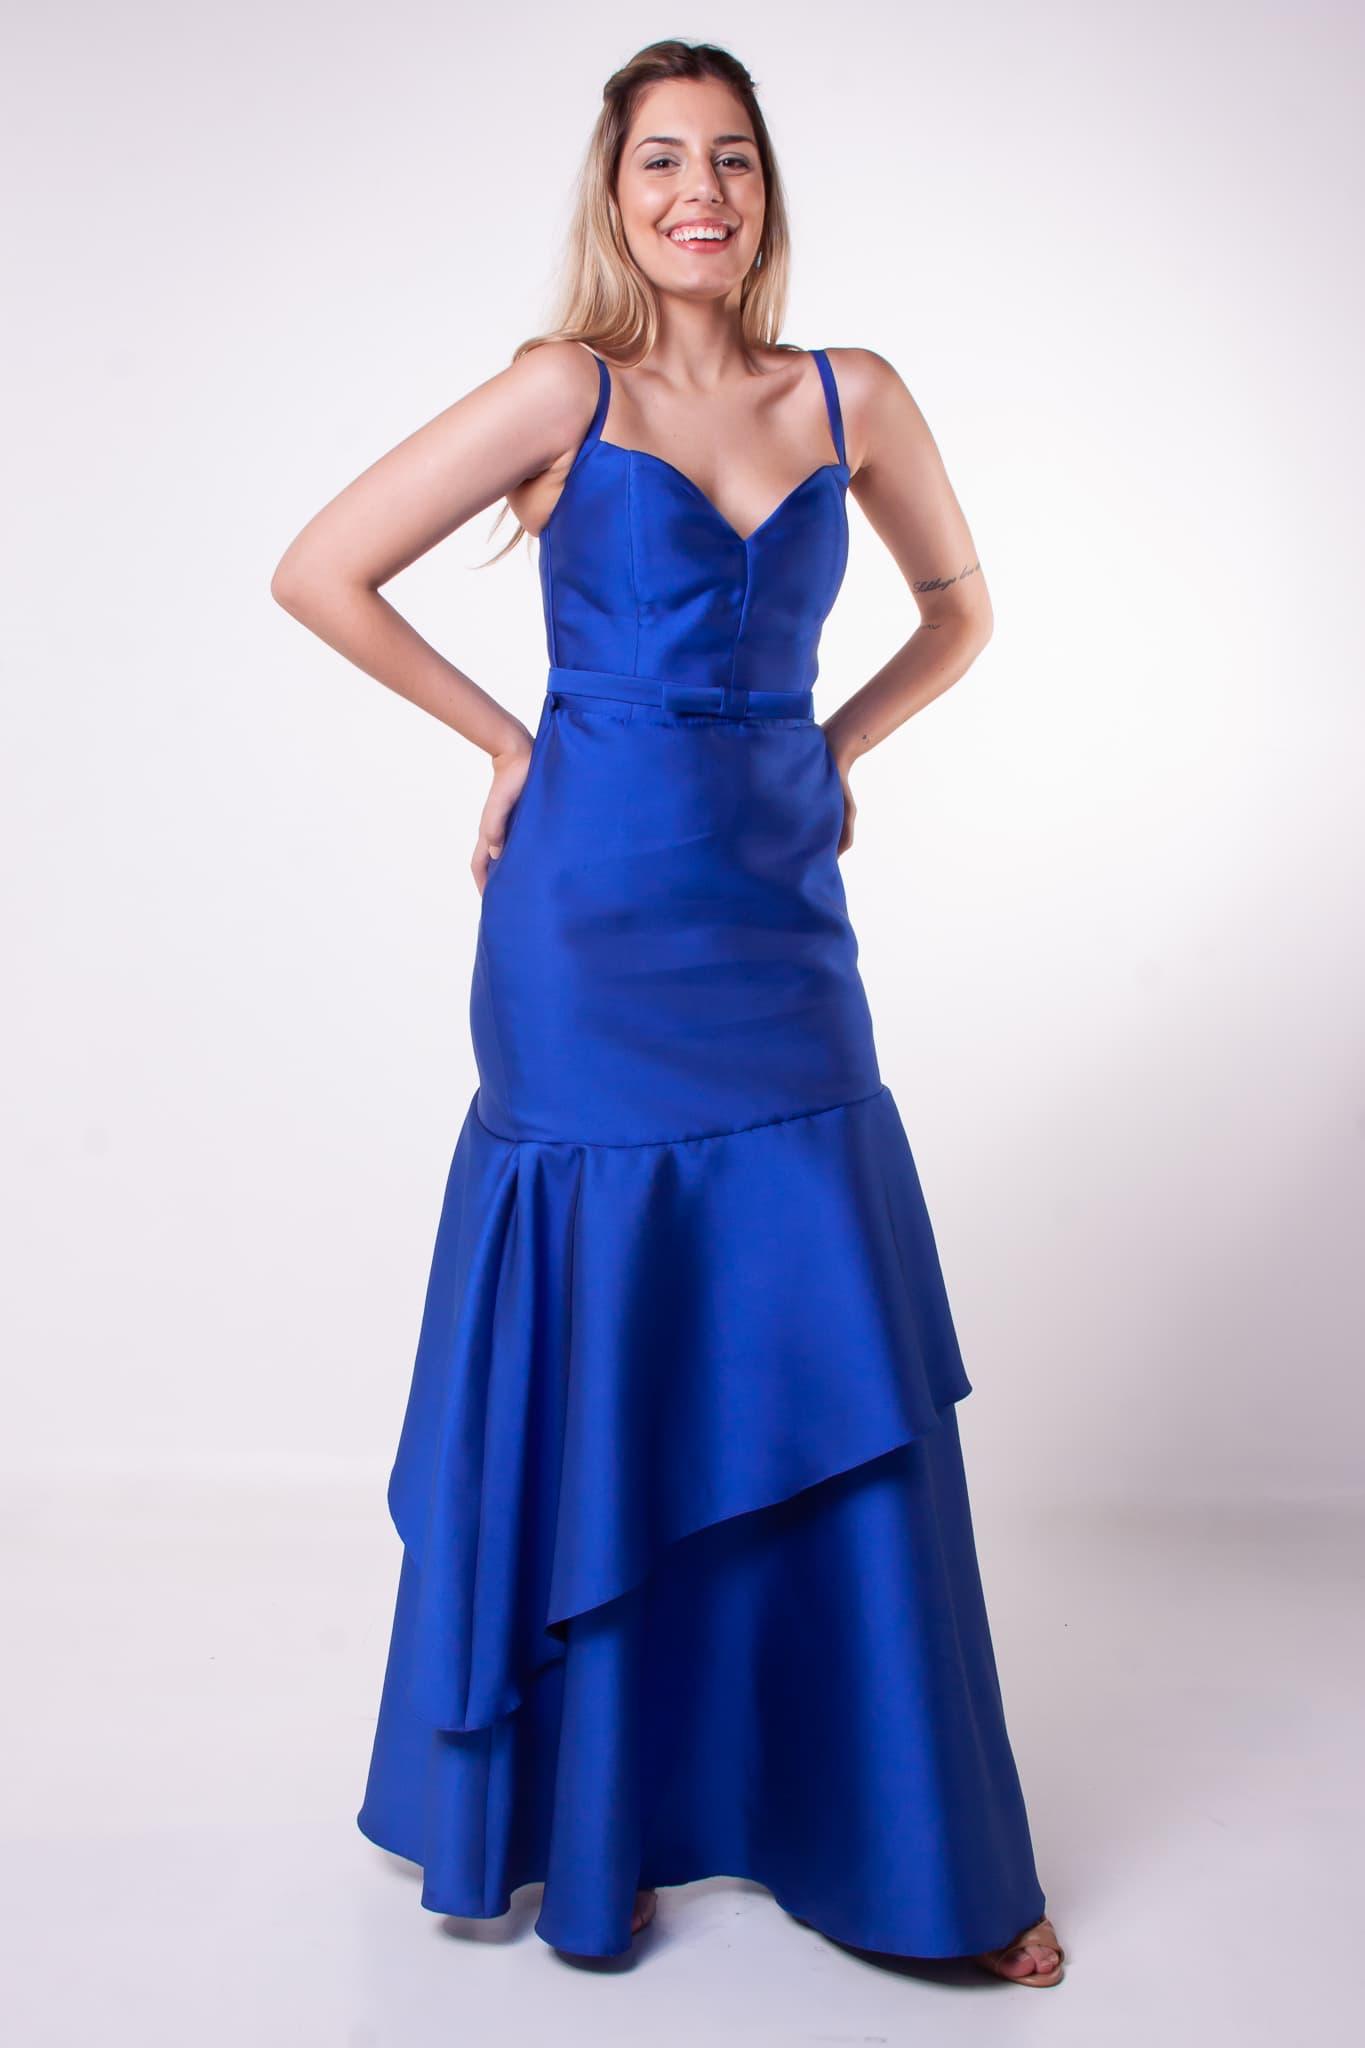 71 - Vestido azul royal de zibeline com saia em camadas